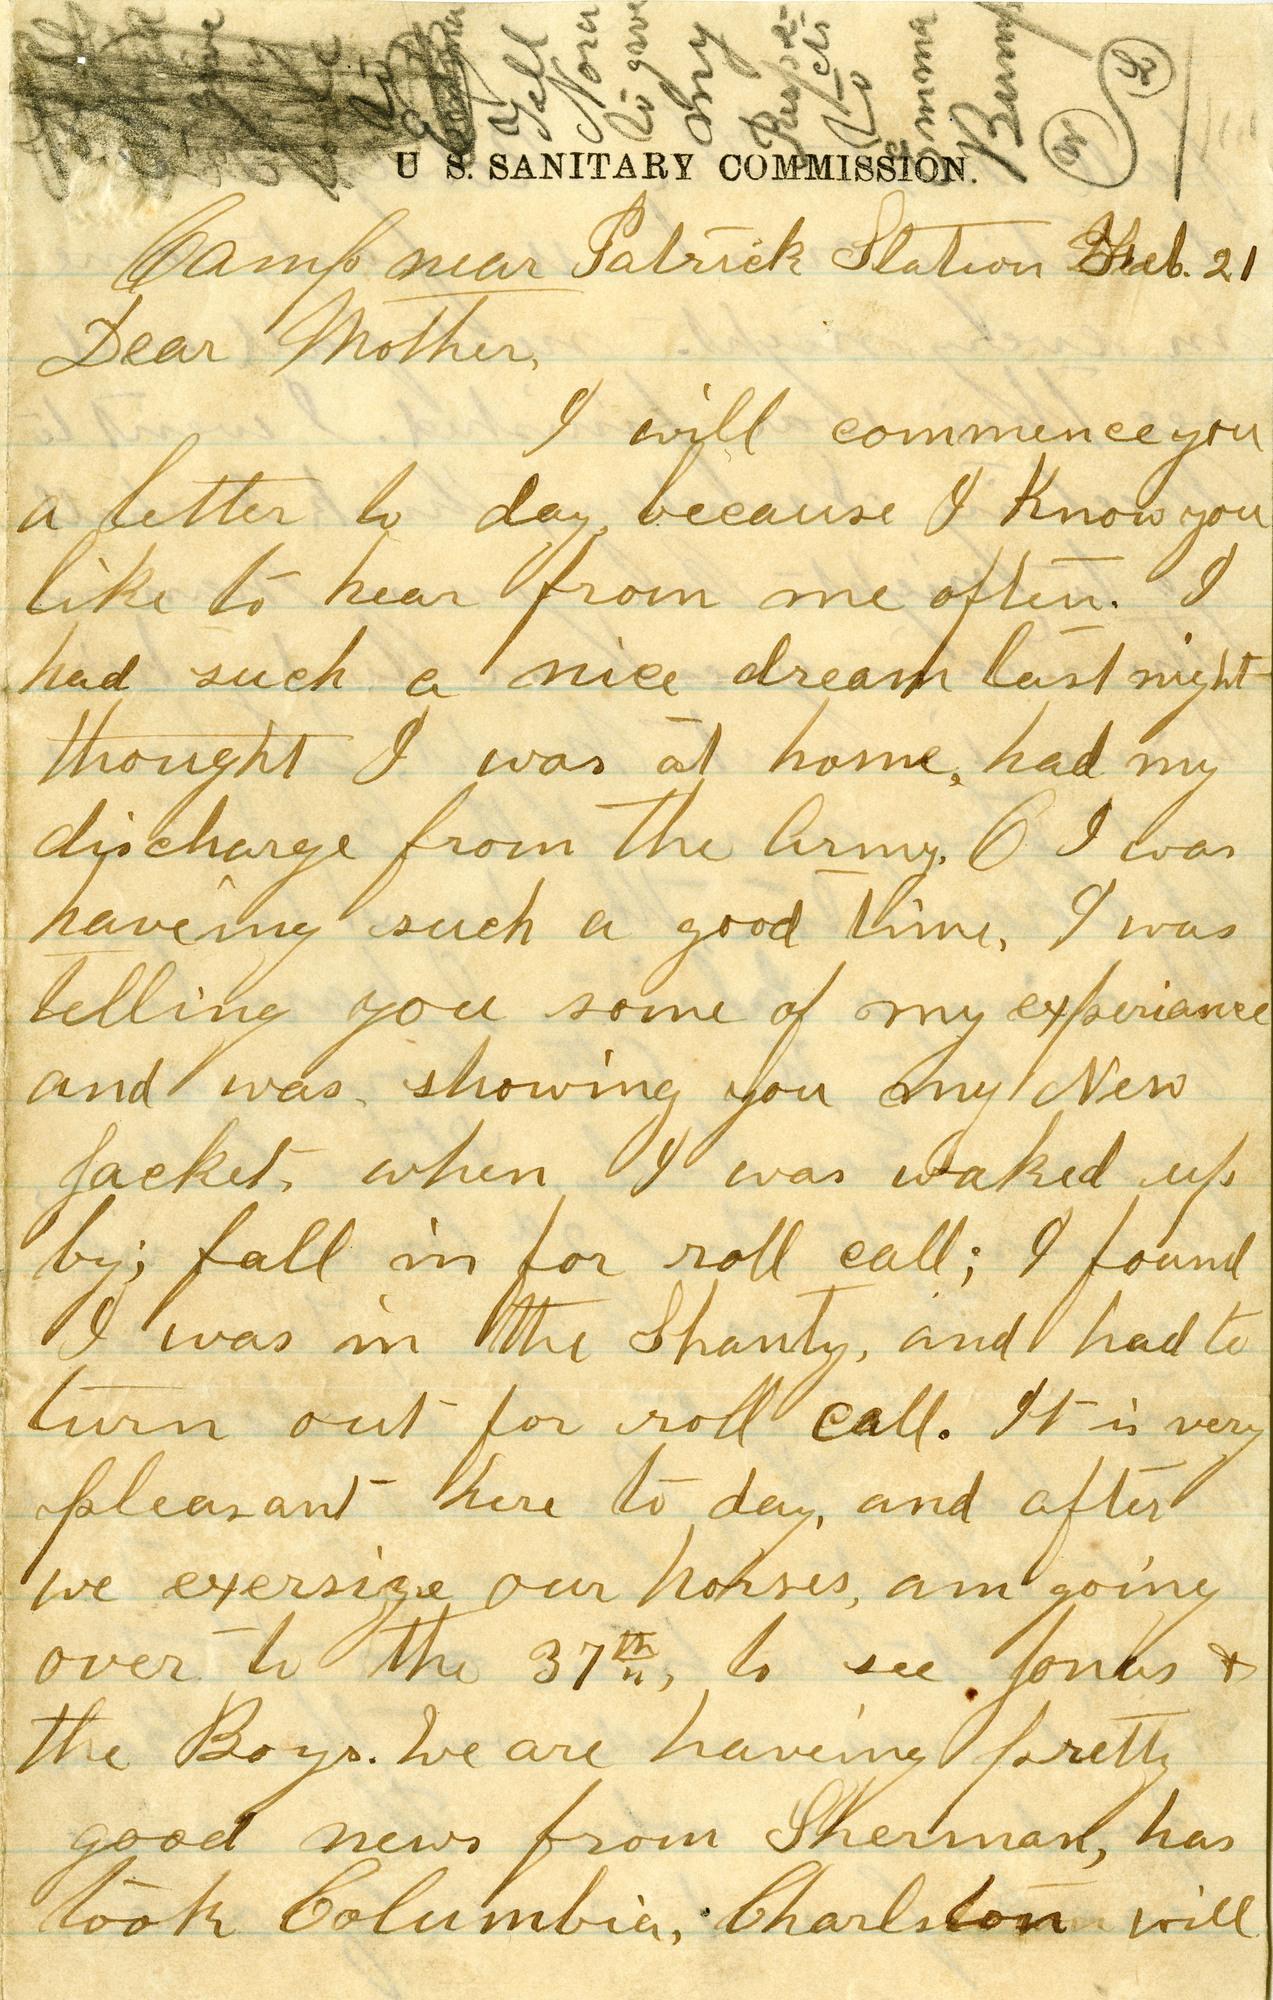 Ms2011-106_LeonardWilliam_B1F2_Letter_1865_0221_pg01.jpg